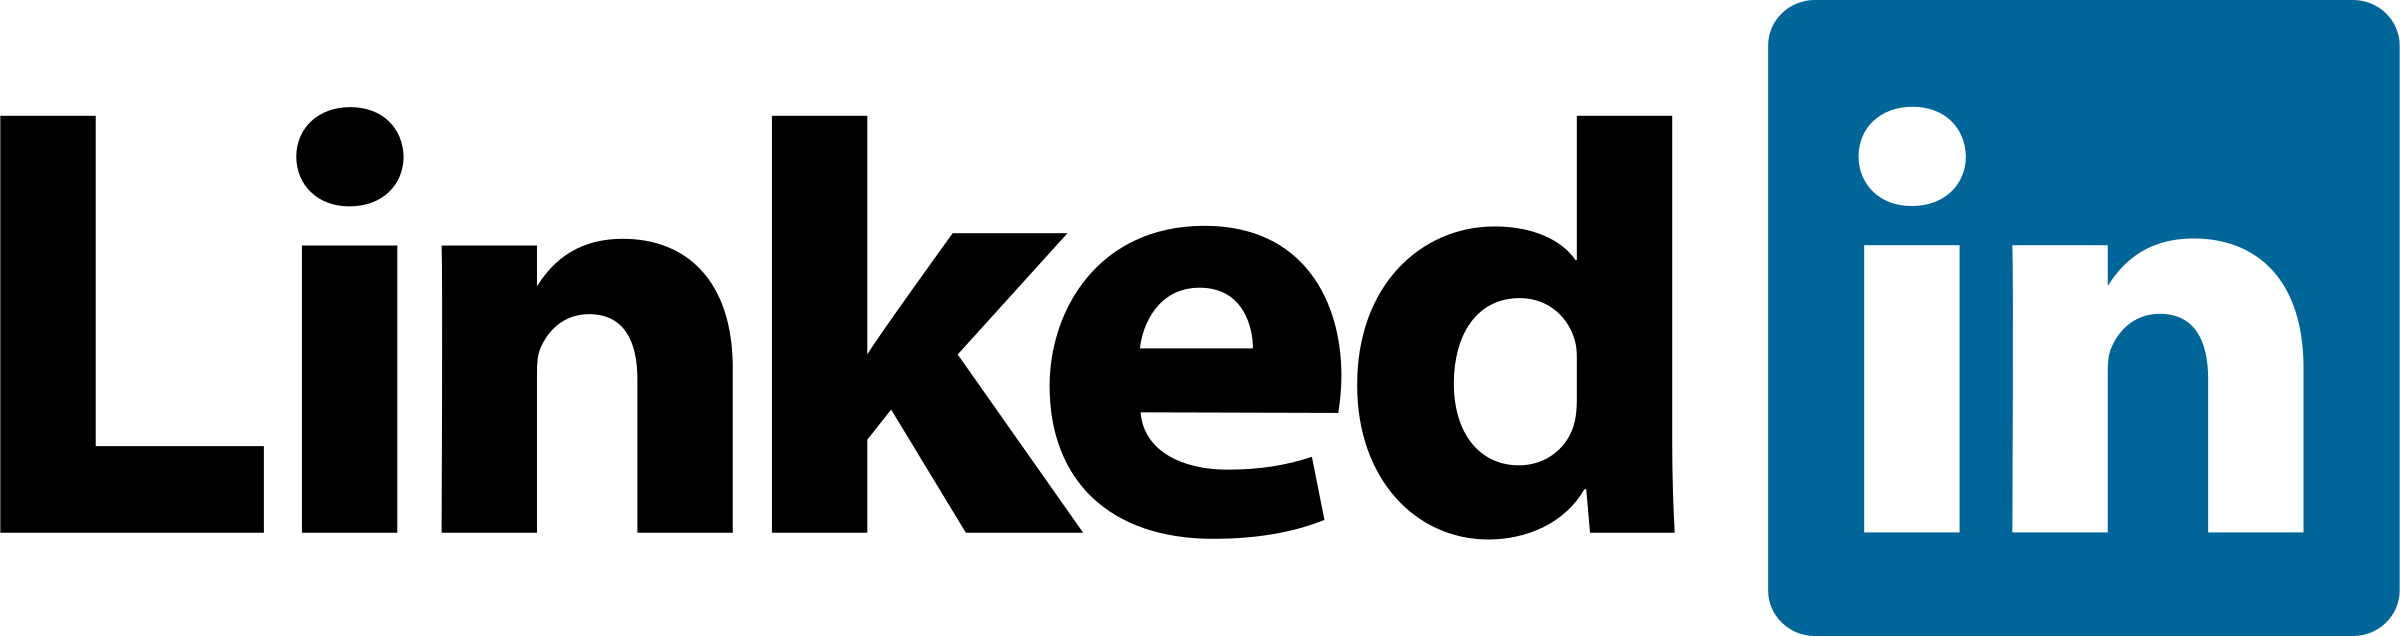 2400x636 Linkedin Logo Png Transparent Amp Svg Vector